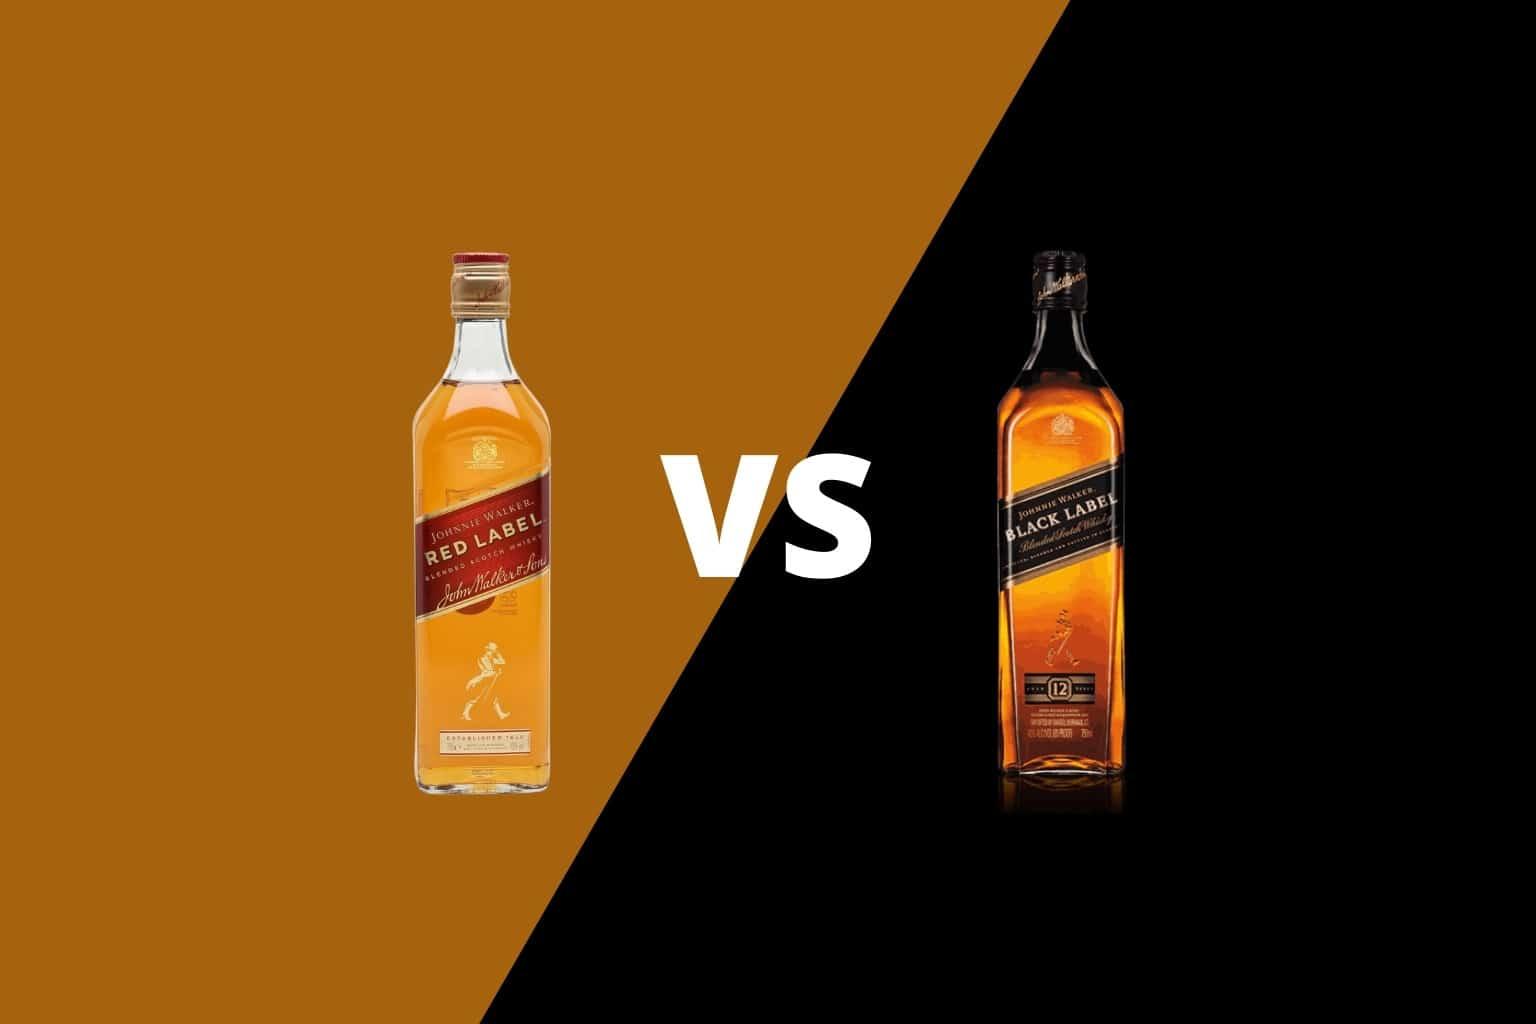 Johnnie Walker Red vs Black